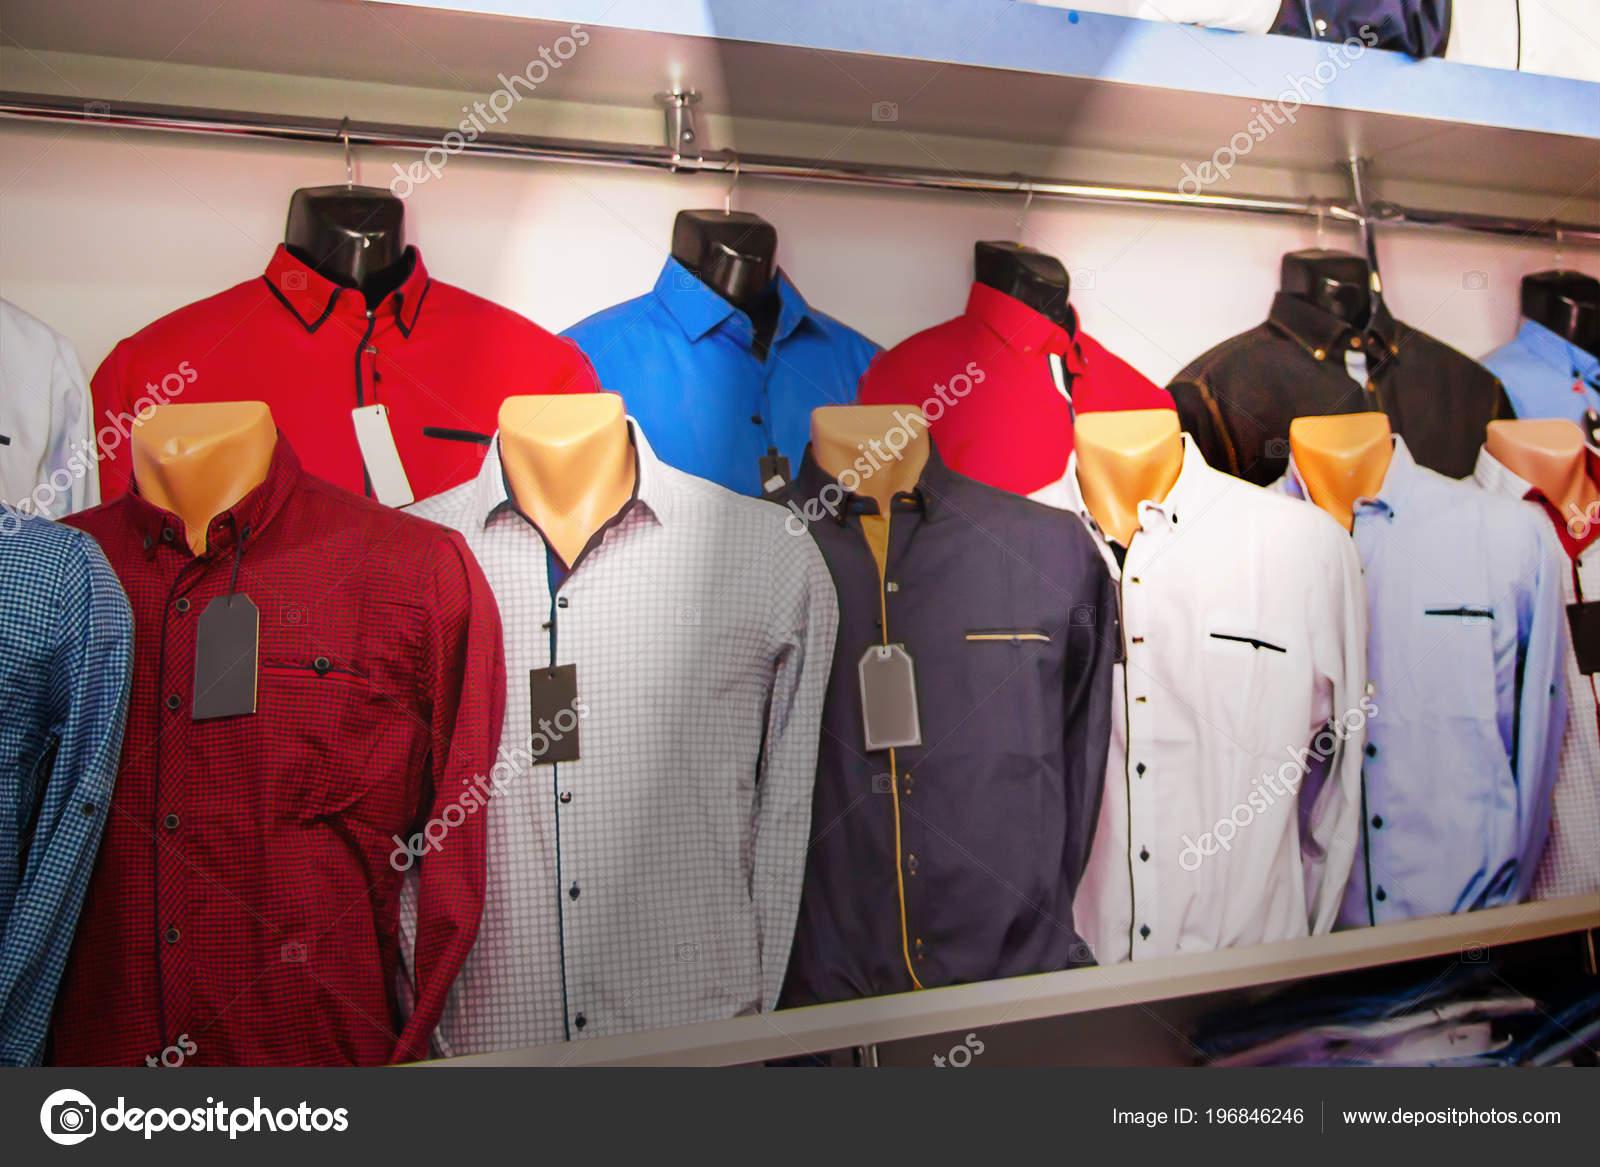 b76ce992a Tienda Camiseta Maniquíes Ropa Hombre Ropa Con Estilo Para Venta — Foto de  Stock